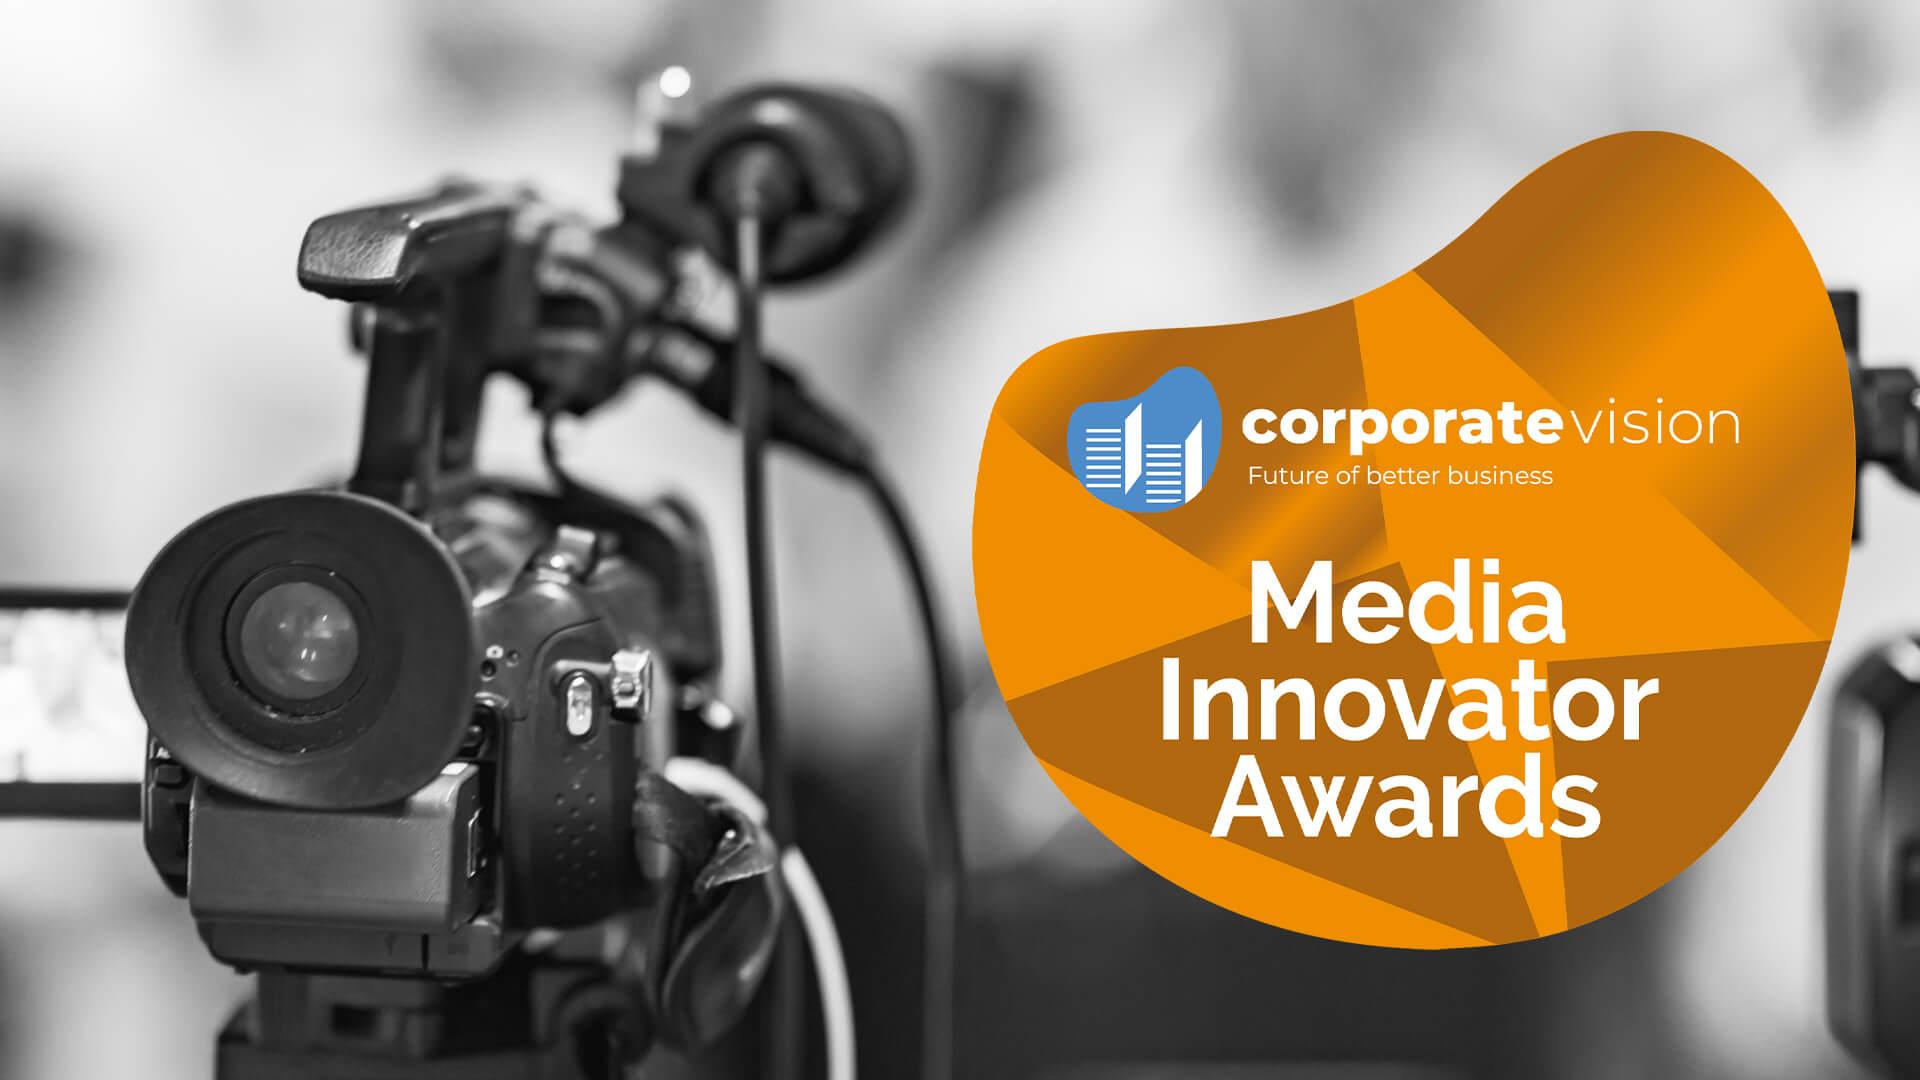 media innovator awards